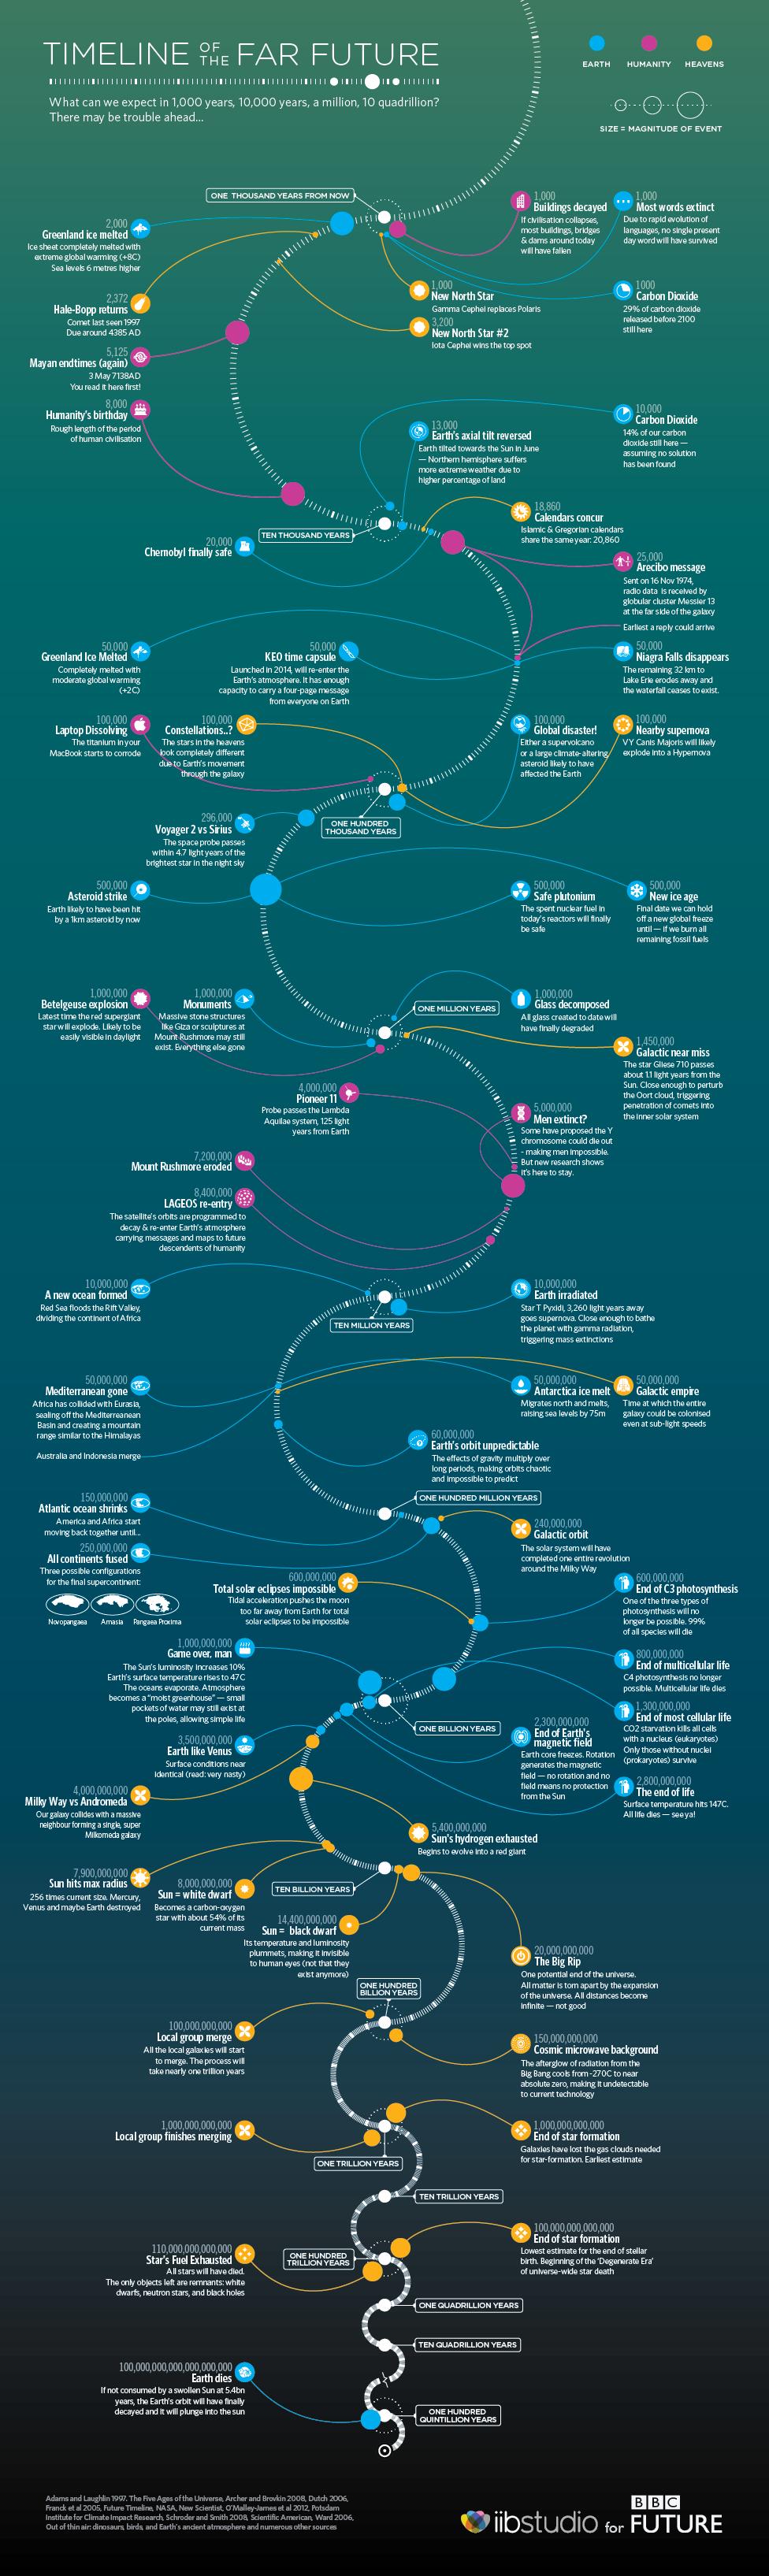 BBC - Future - Timeline of the far future